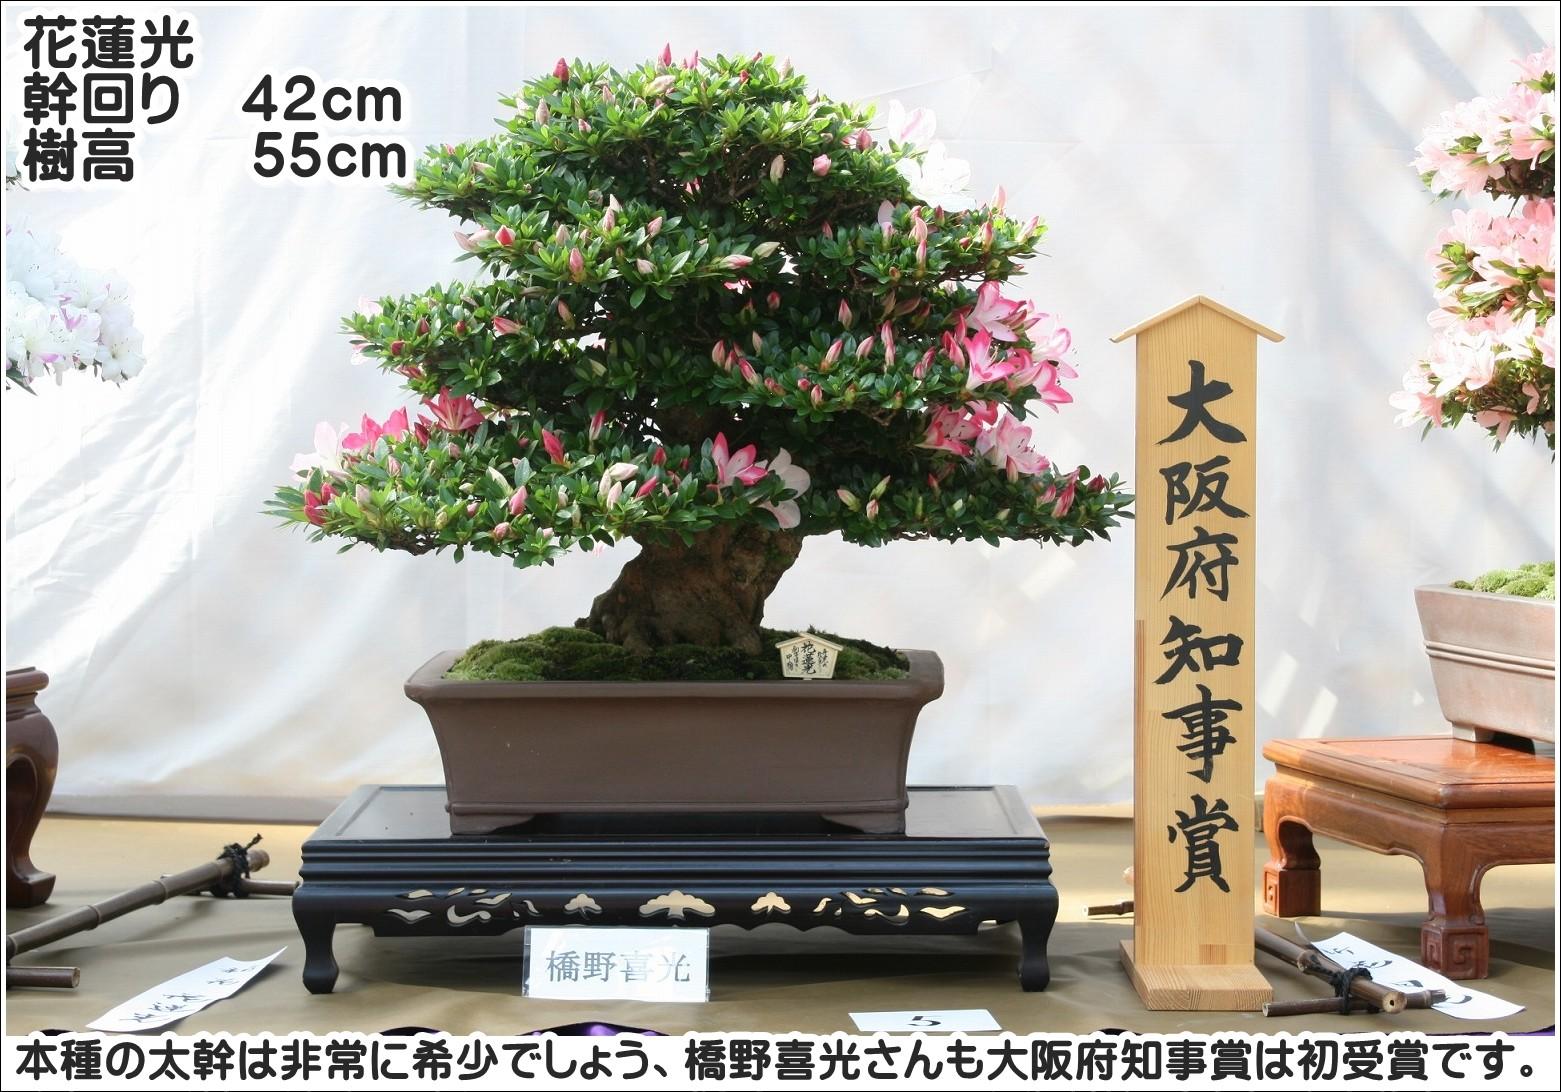 本種の太幹は非常に希少でしょう、橋野喜光さんも大阪府知事賞は初受賞です。